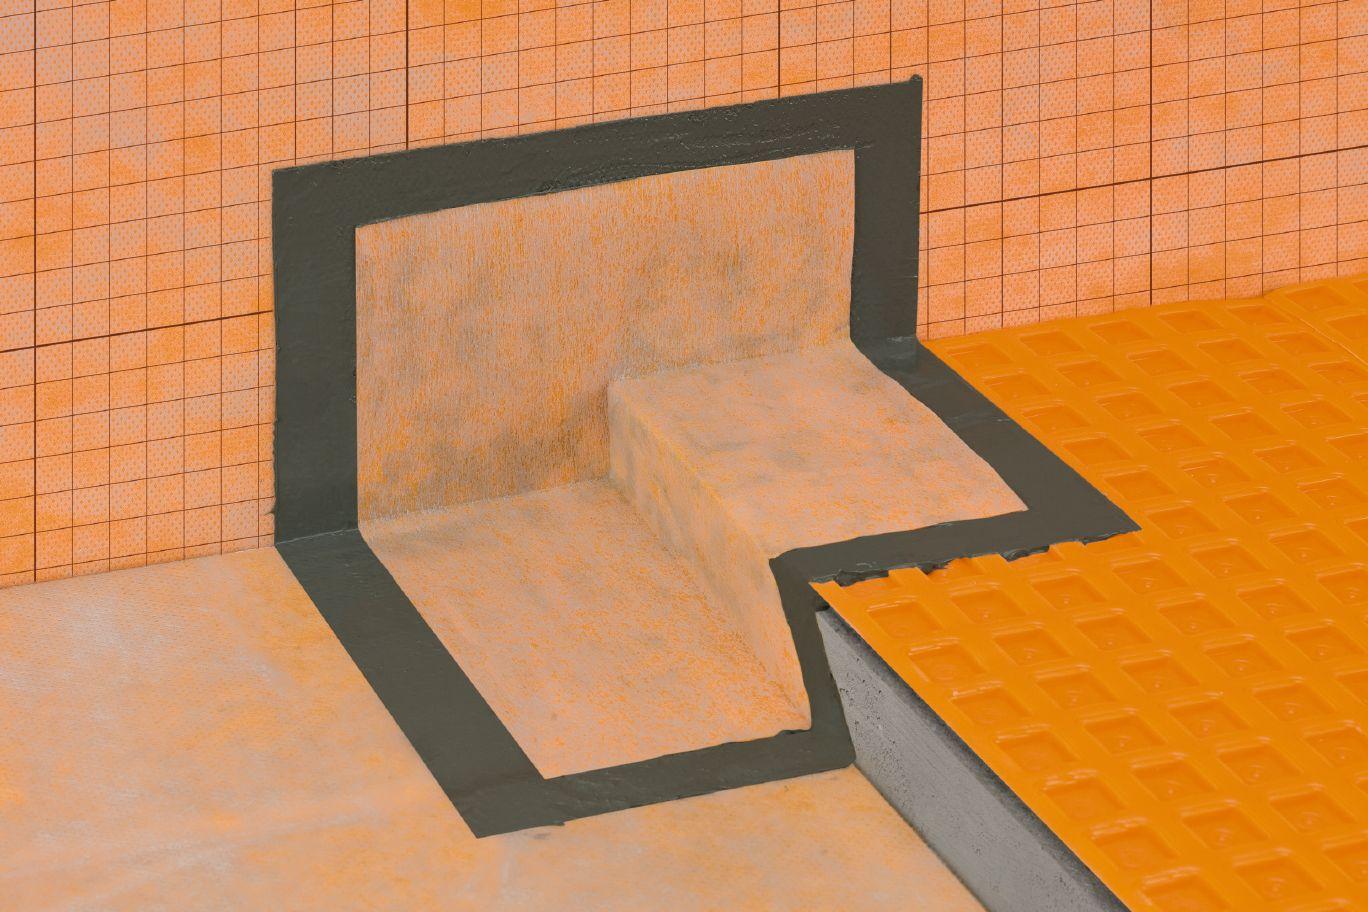 ditra matting installation instructions